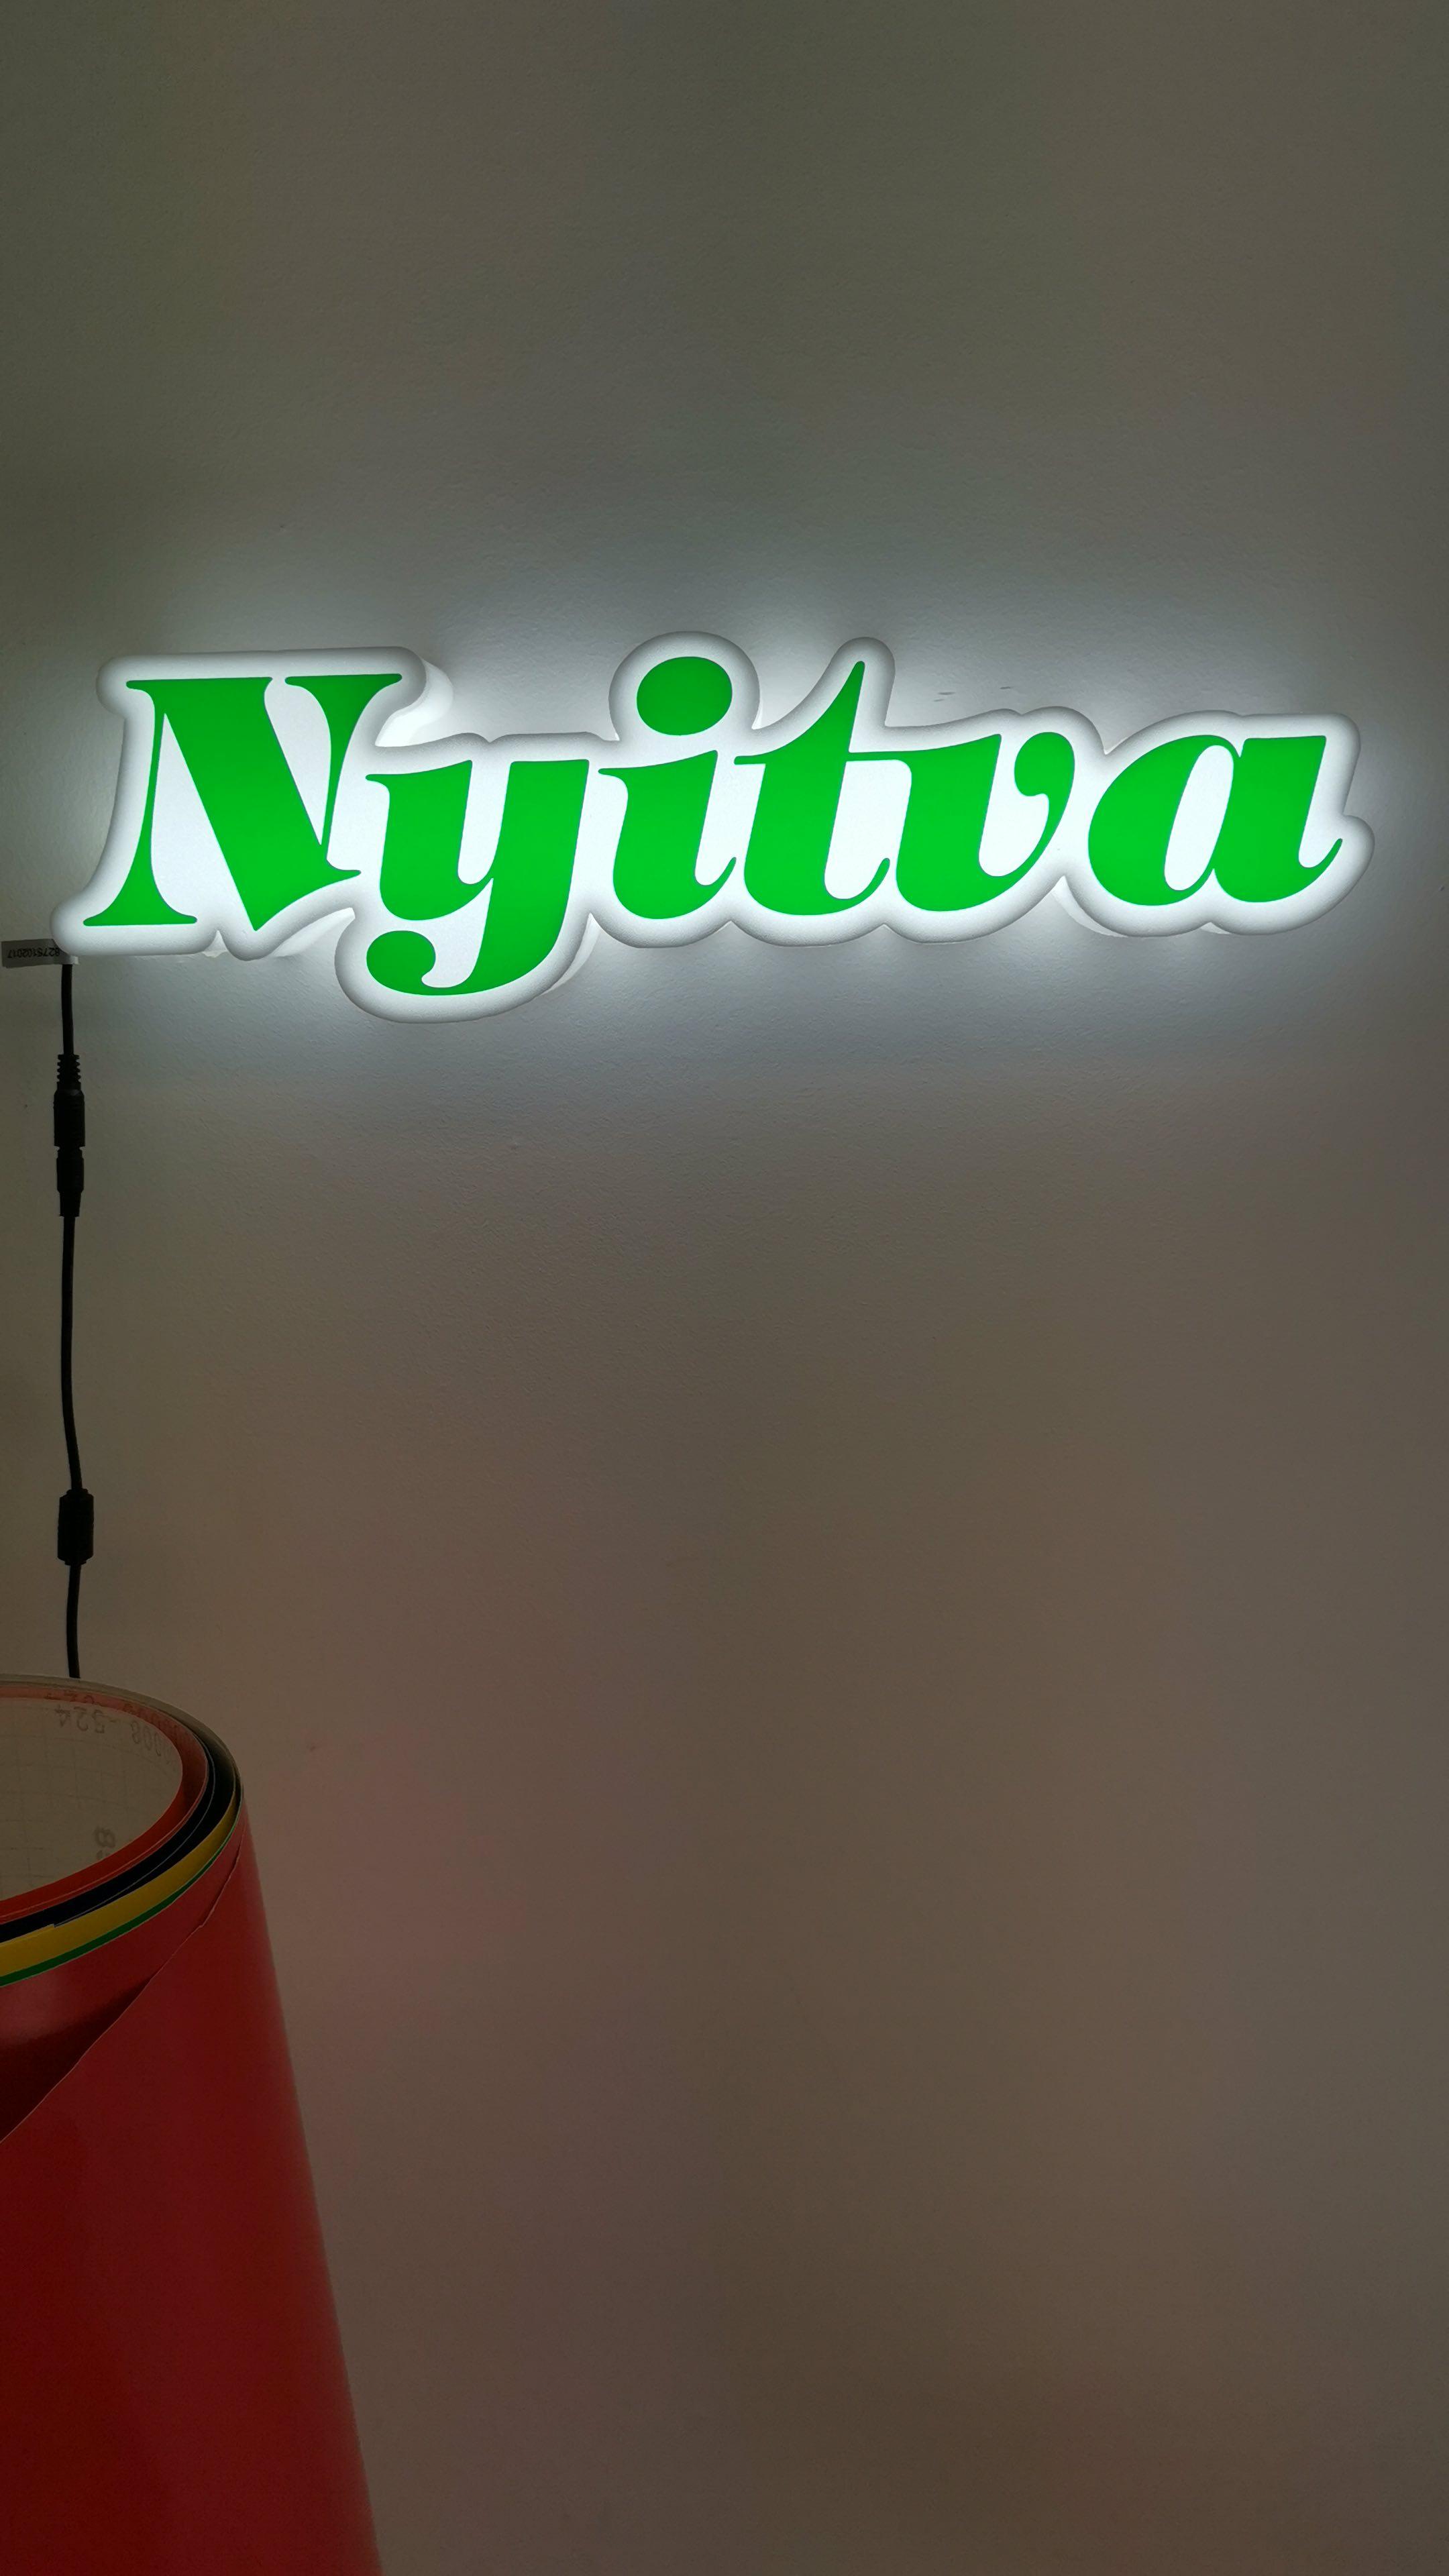 Hab LED világító tábla tervezése és gyártása